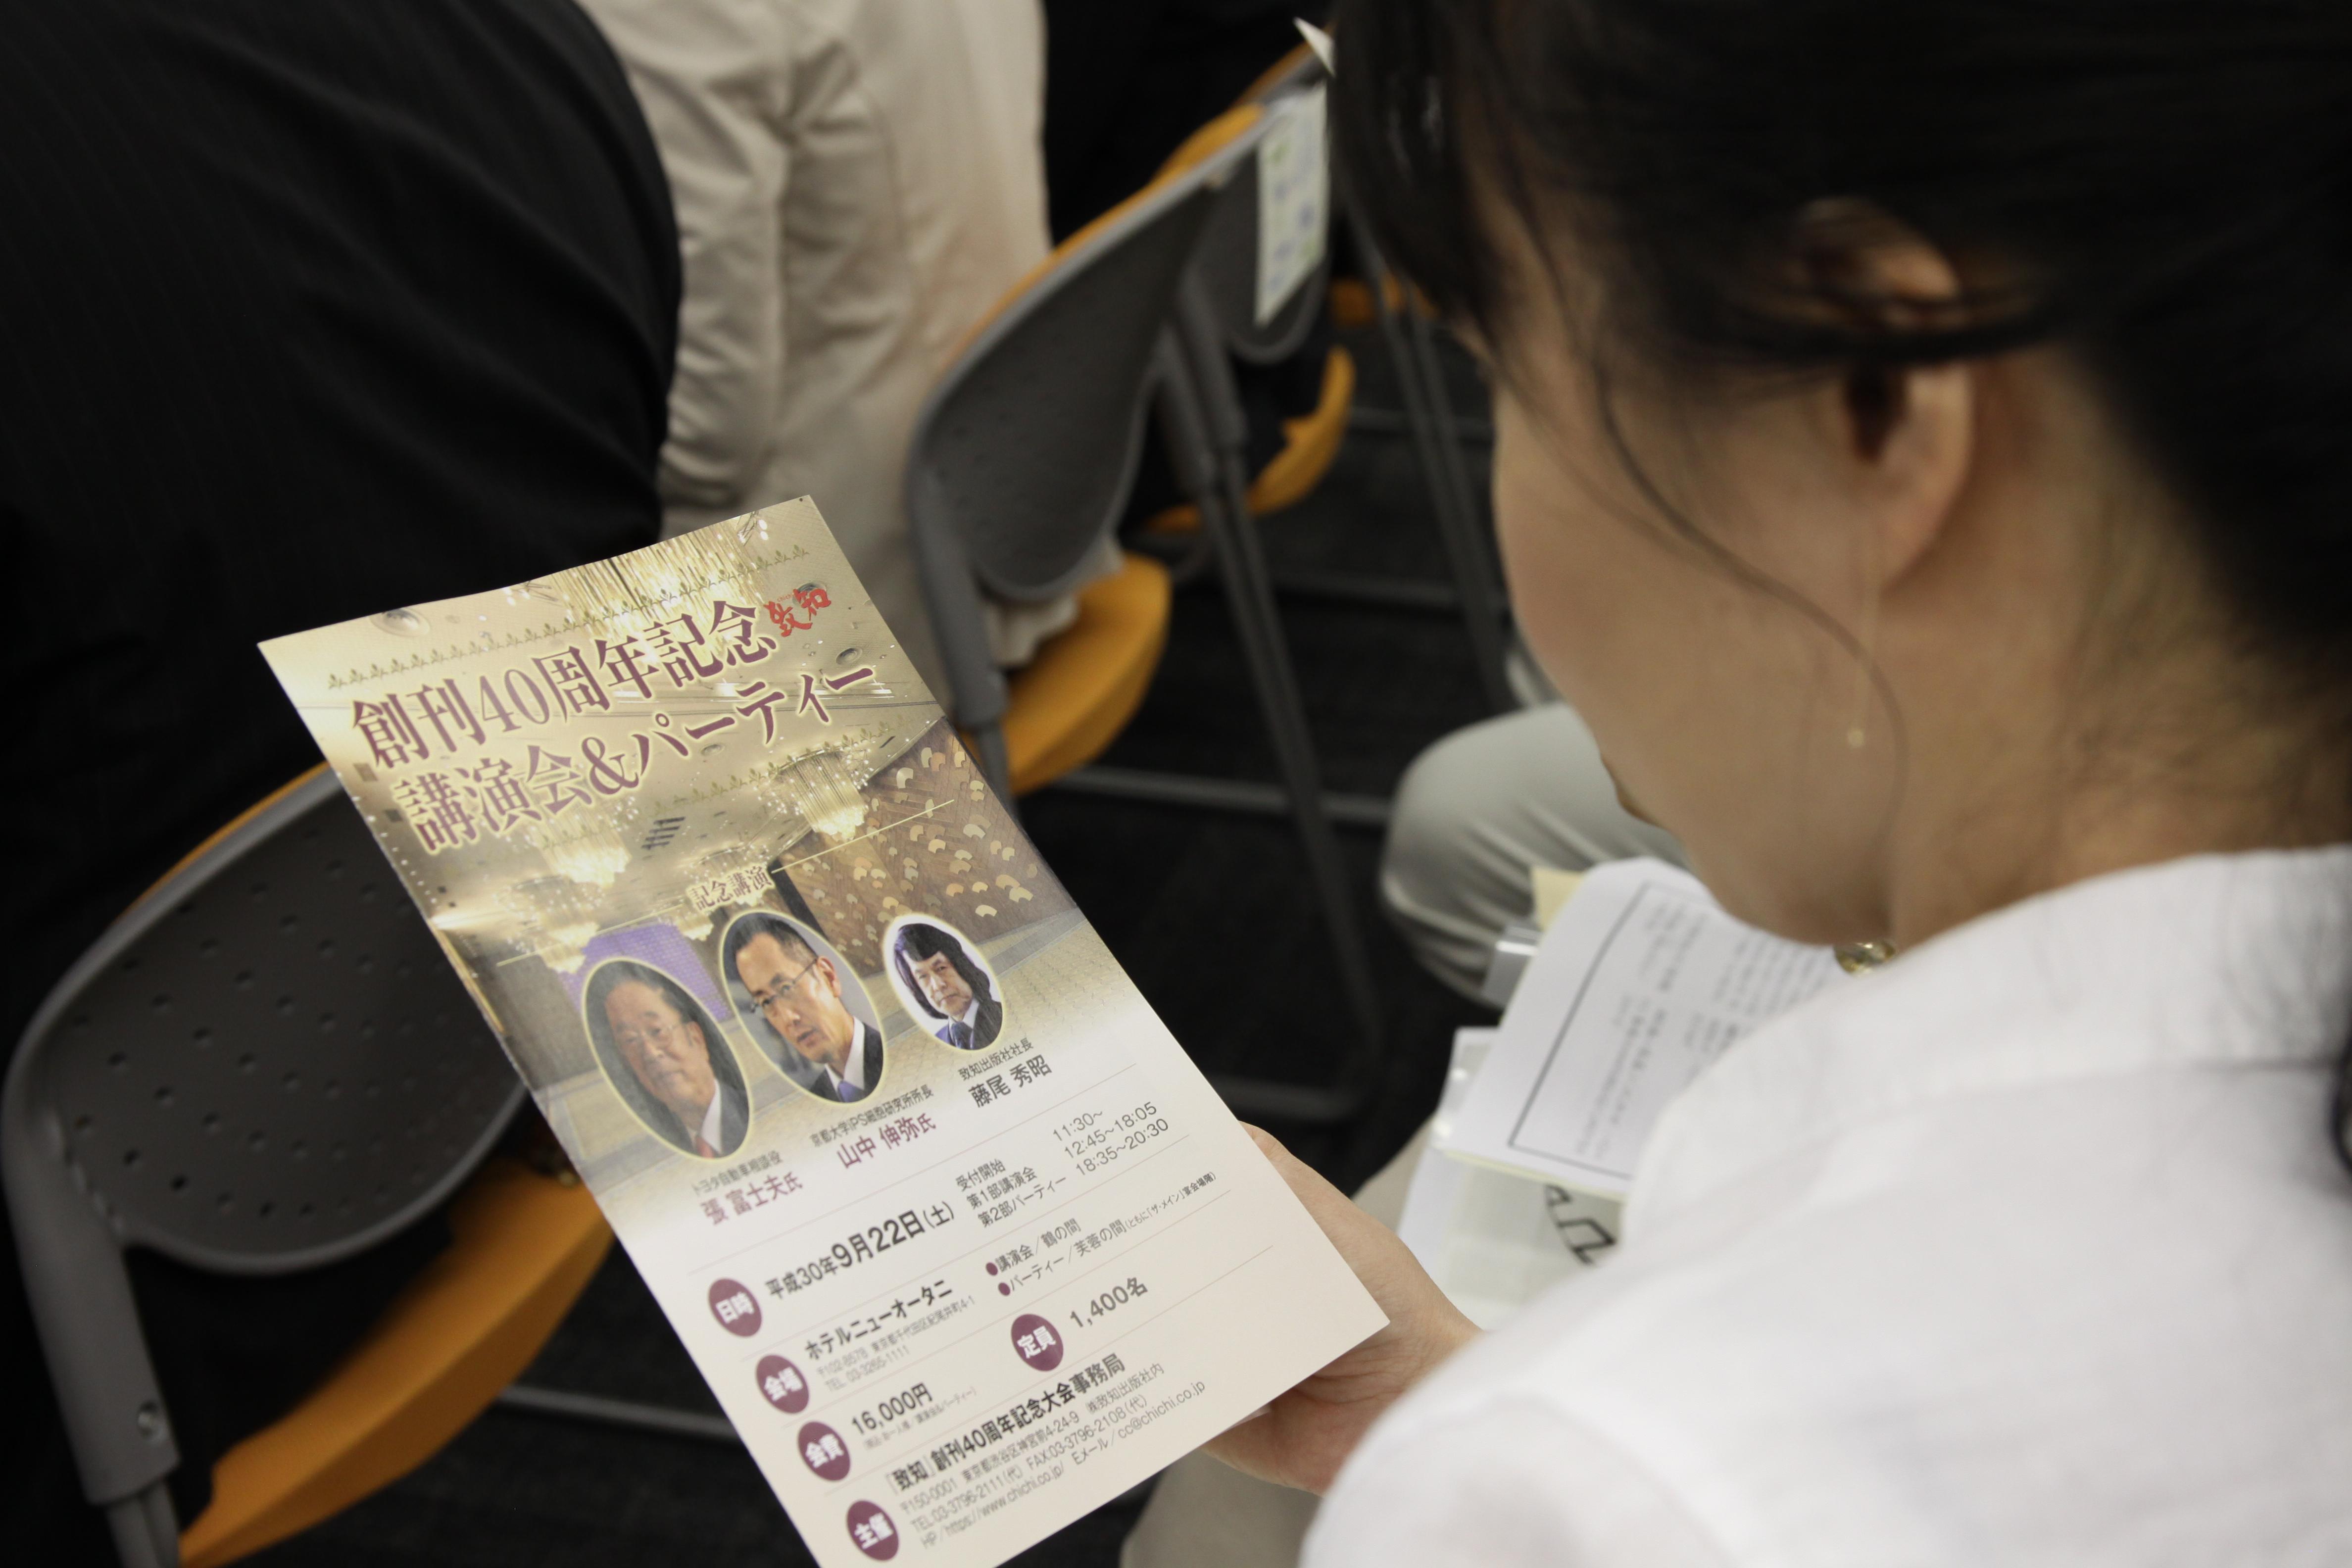 IMG 4510 - 関東若獅子の会、記念すべき第100回